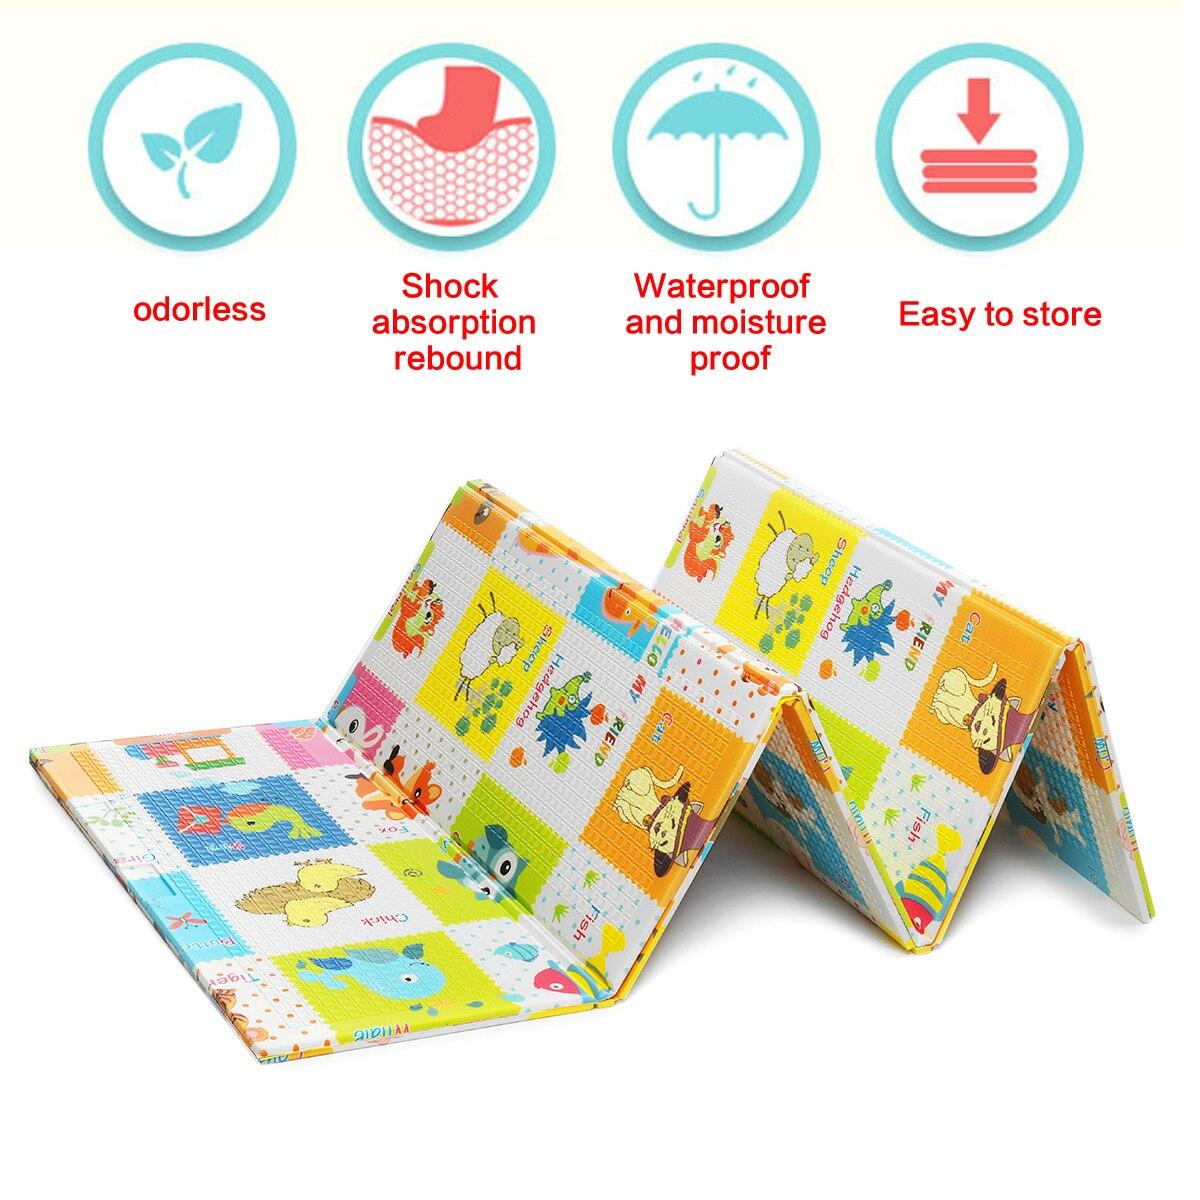 LBLA enfants bébé enfant animaux motif pliable Double étage tapis de jeu ramper tapis PE 180x200x1 cm